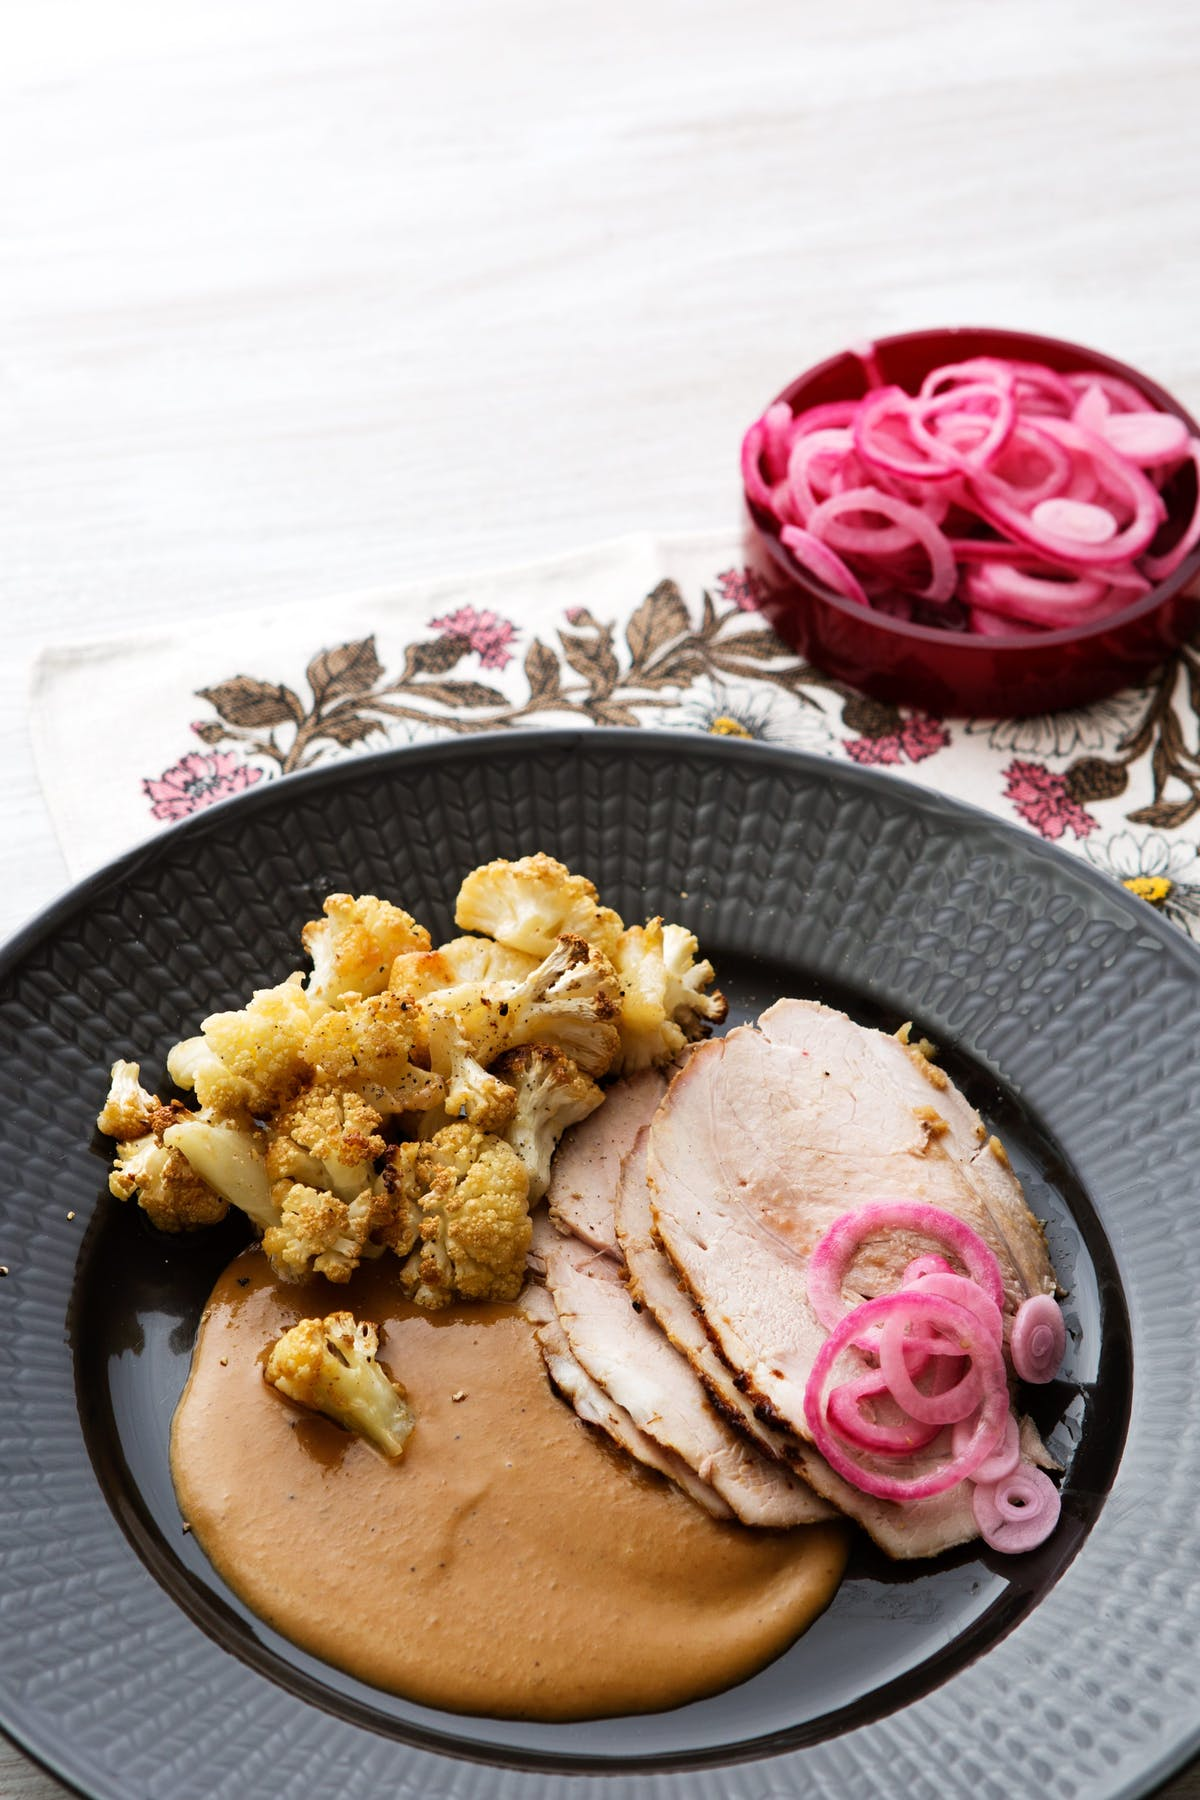 Cerdo asado con salsa cremosa y coliflor frita en mantequilla